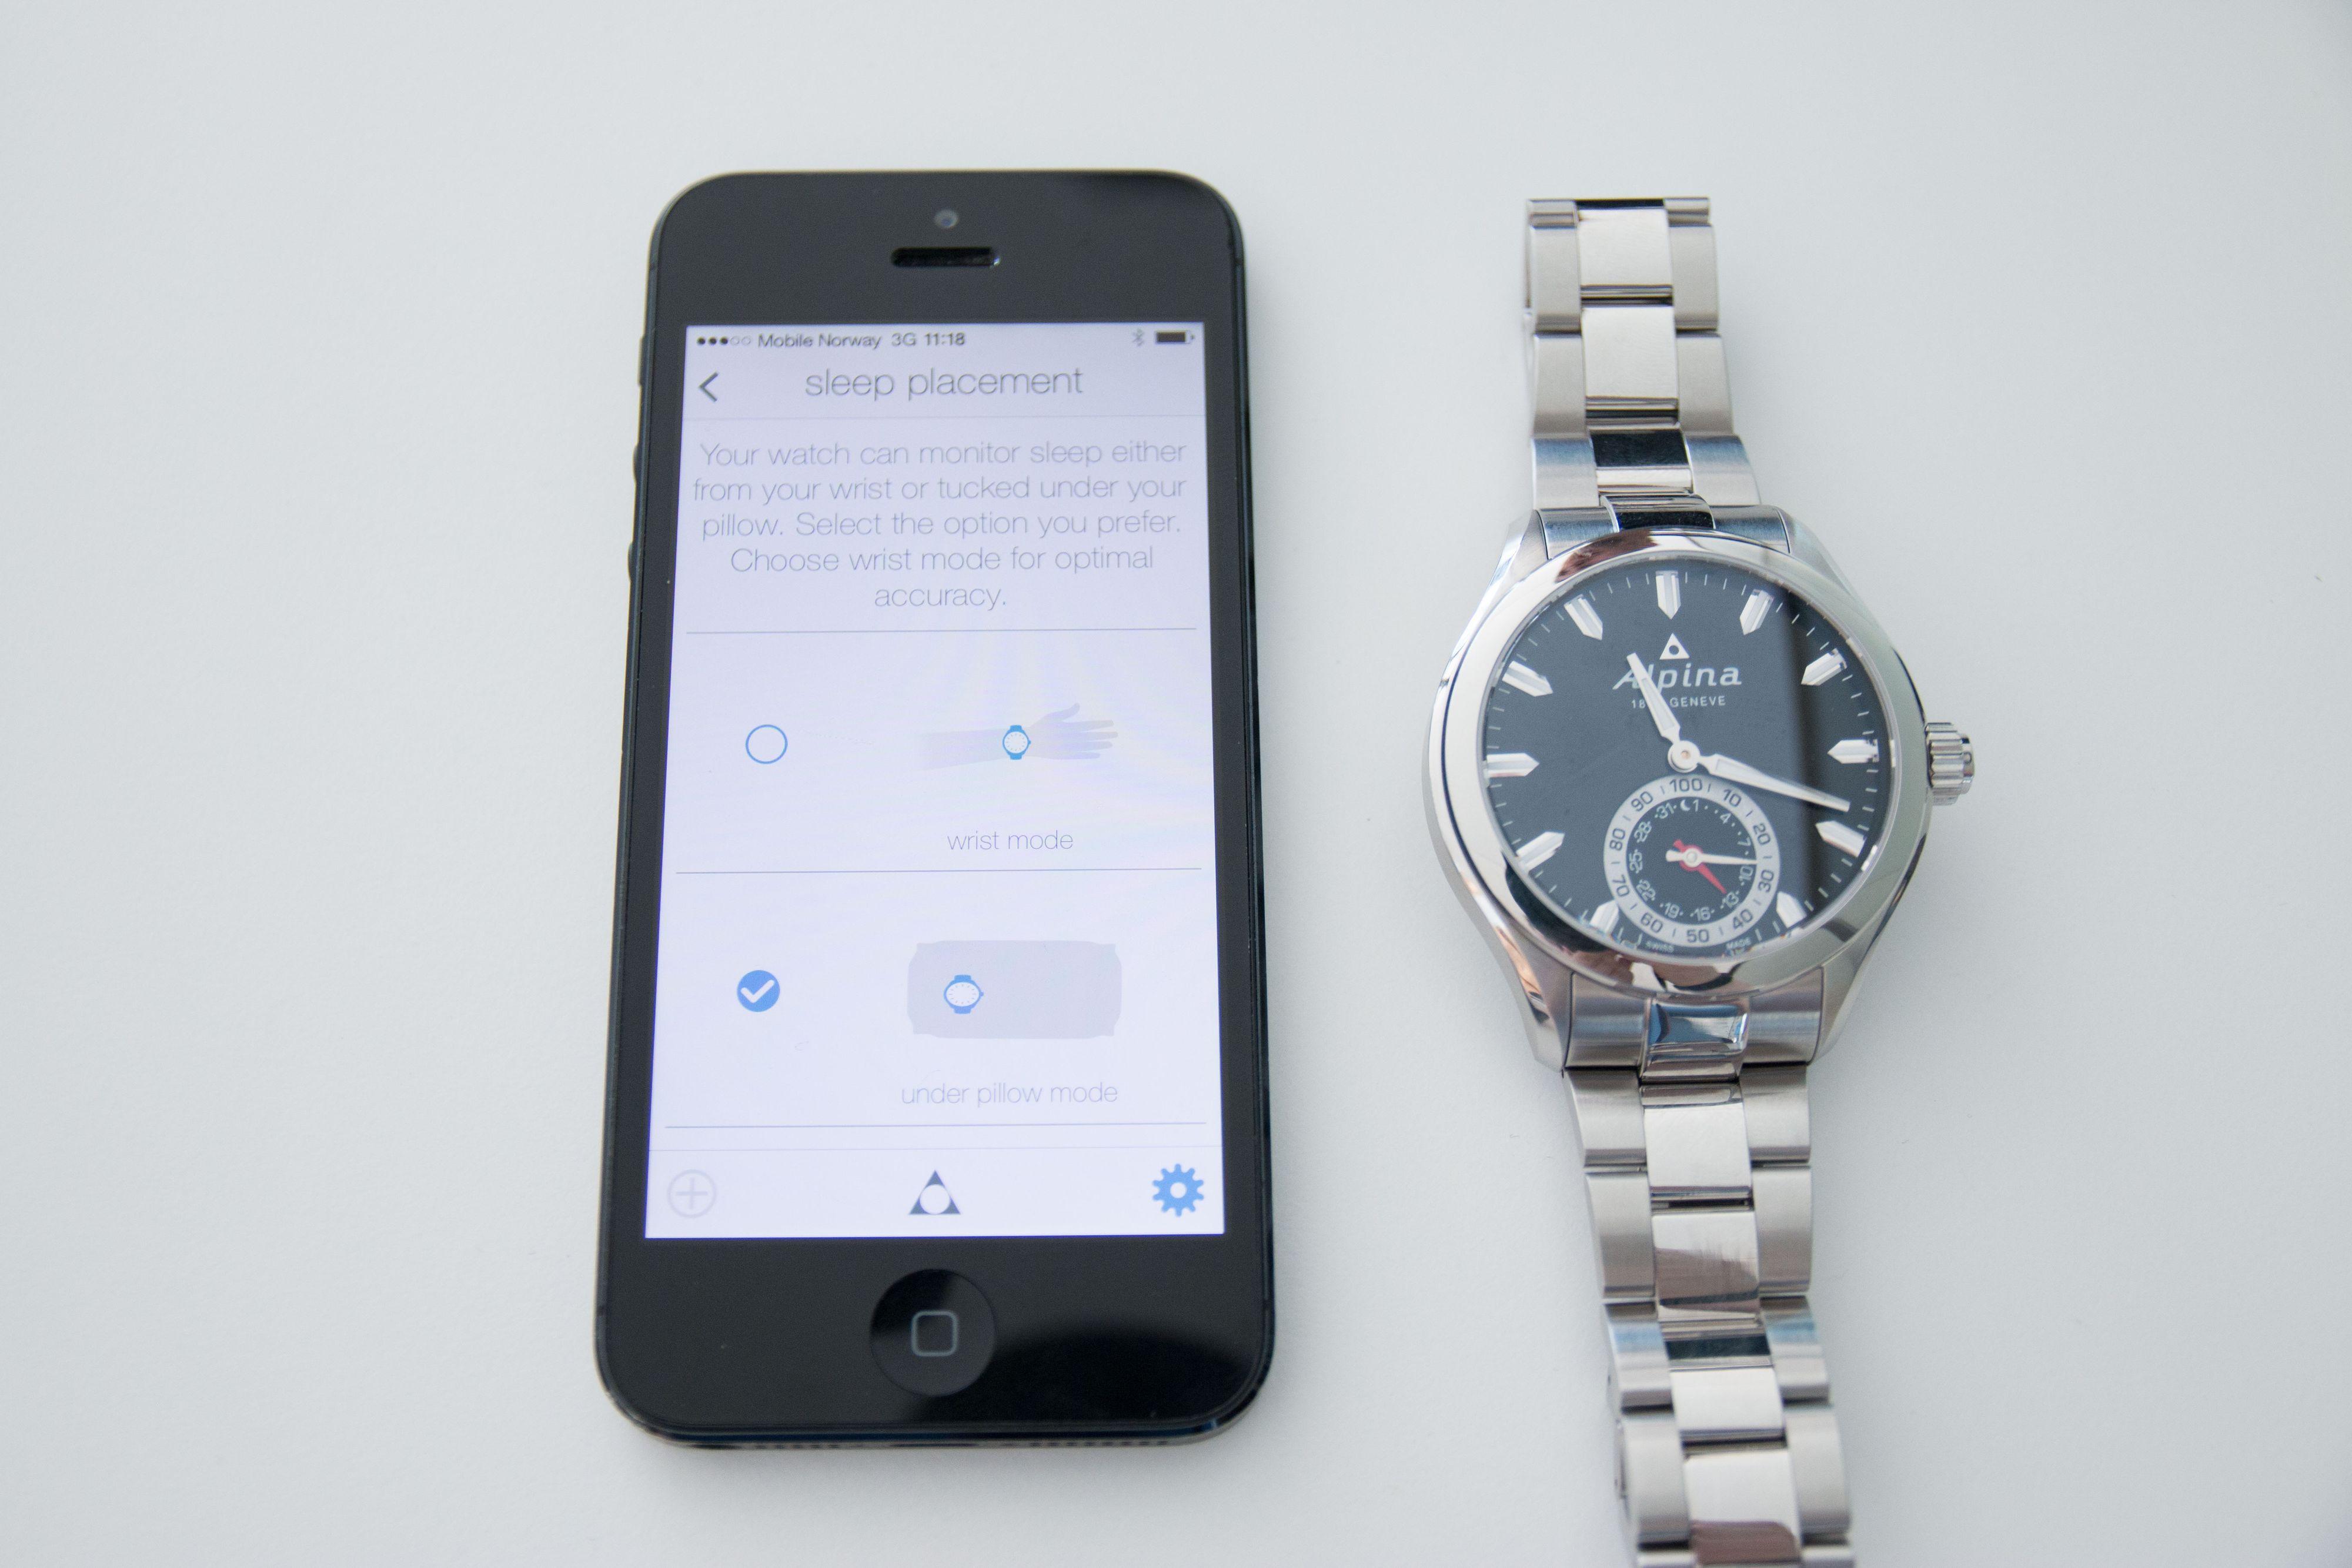 Du kan bestemme i appen om du skal sove med klokken på eller ha den under puten. Foto: Ole Henrik Johansen / Tek.no